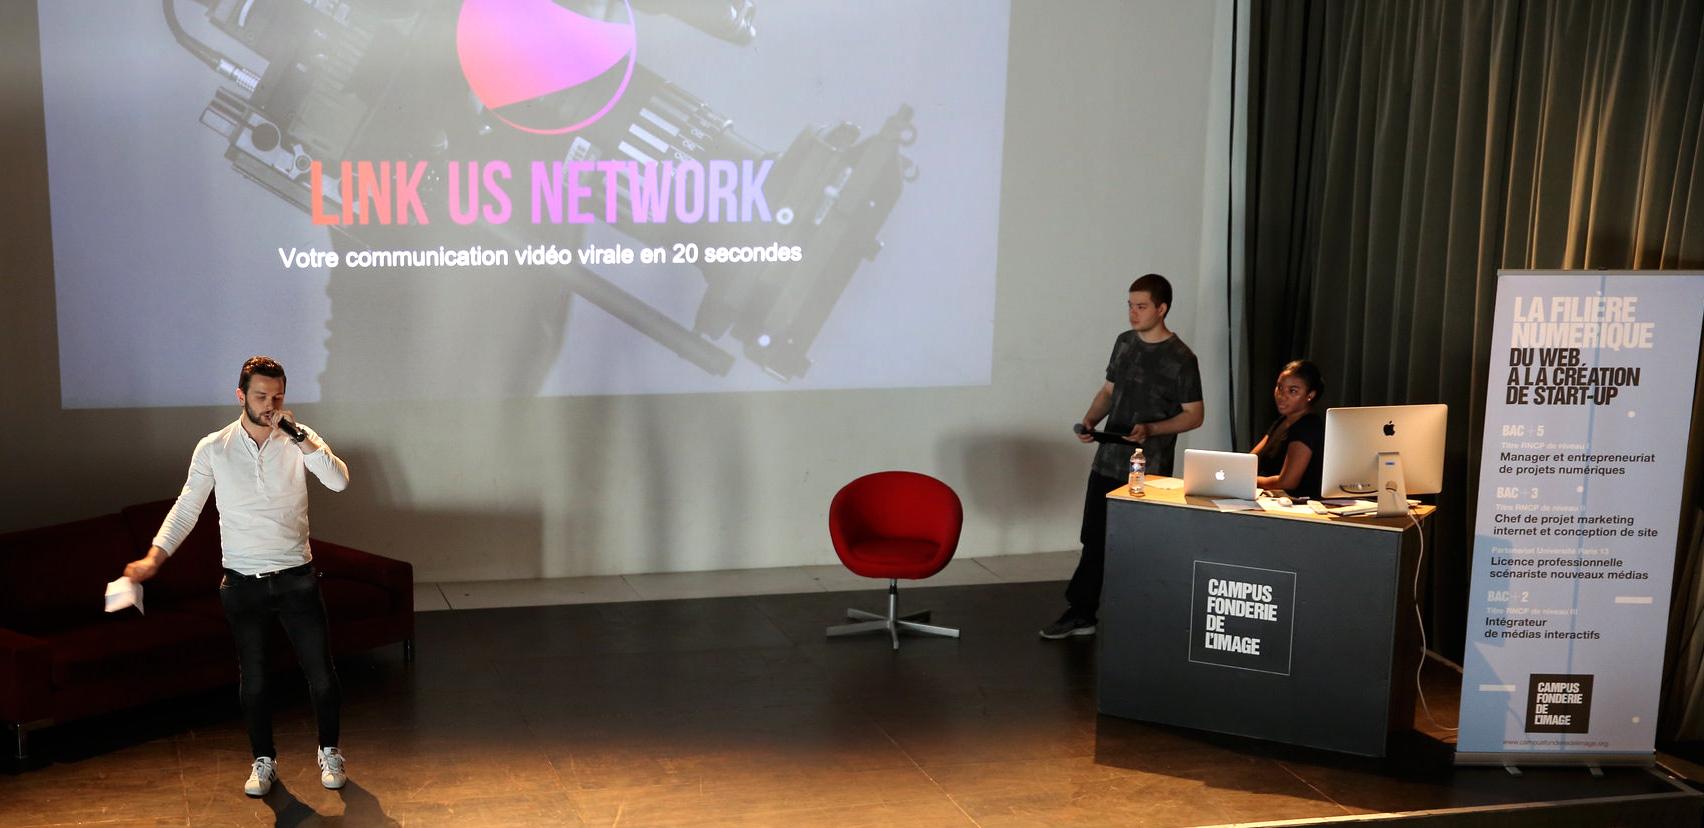 LINK-US-NETWORK - Campus Fonderie de l'Image - Projet étudiant 2017